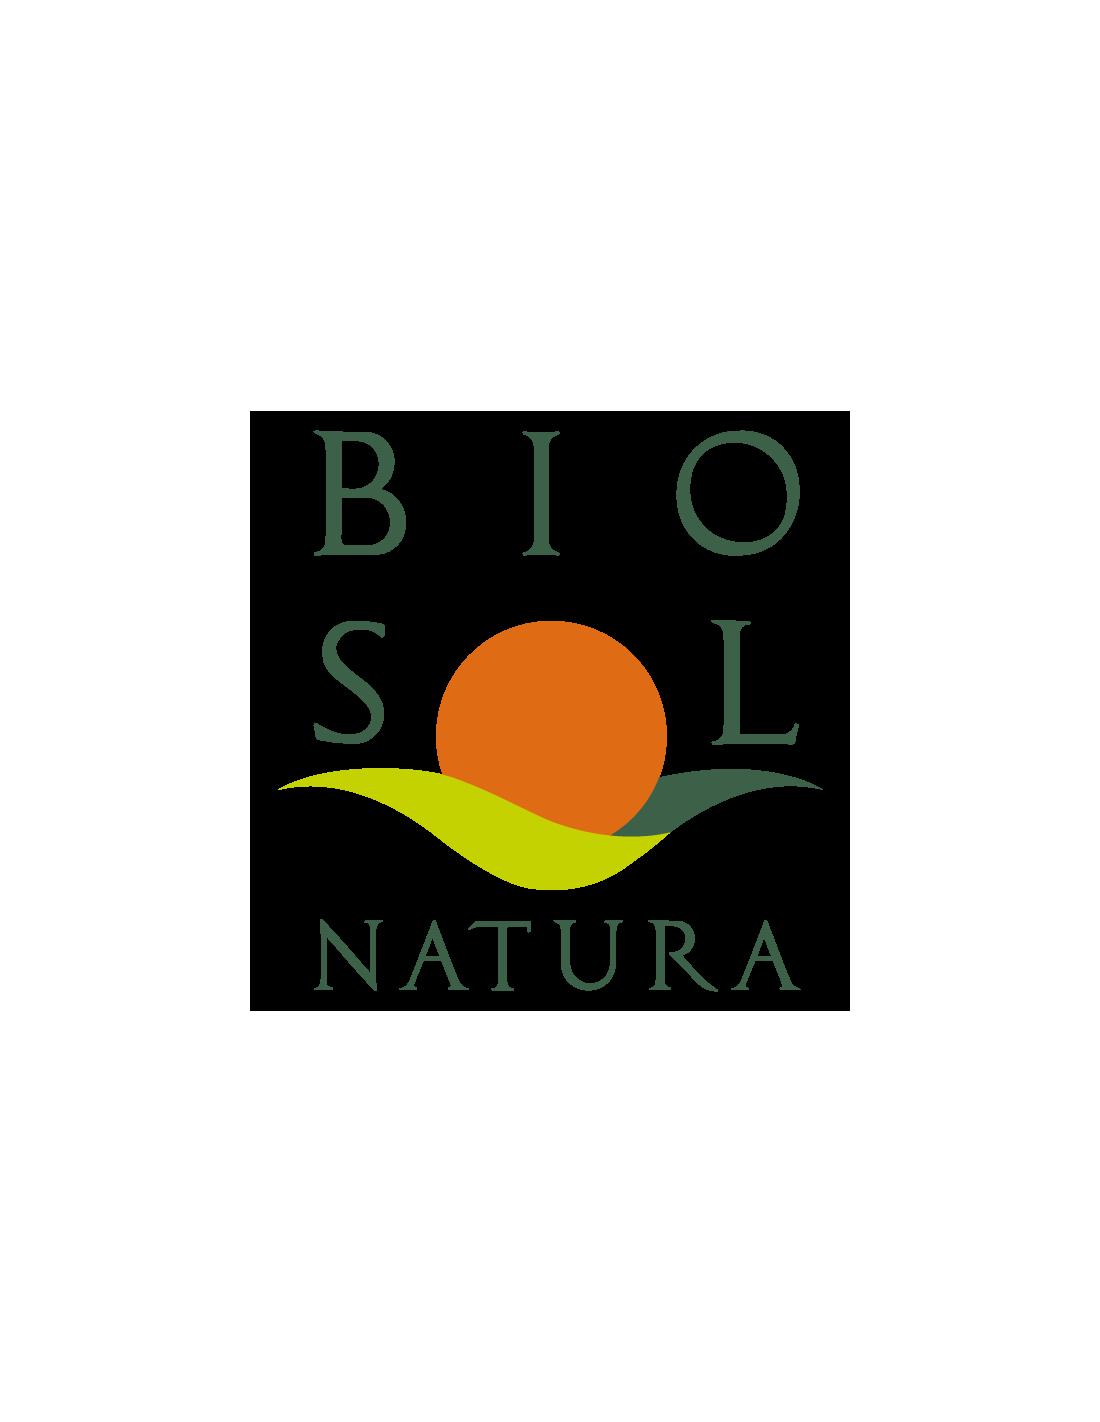 Bio Sol Natura